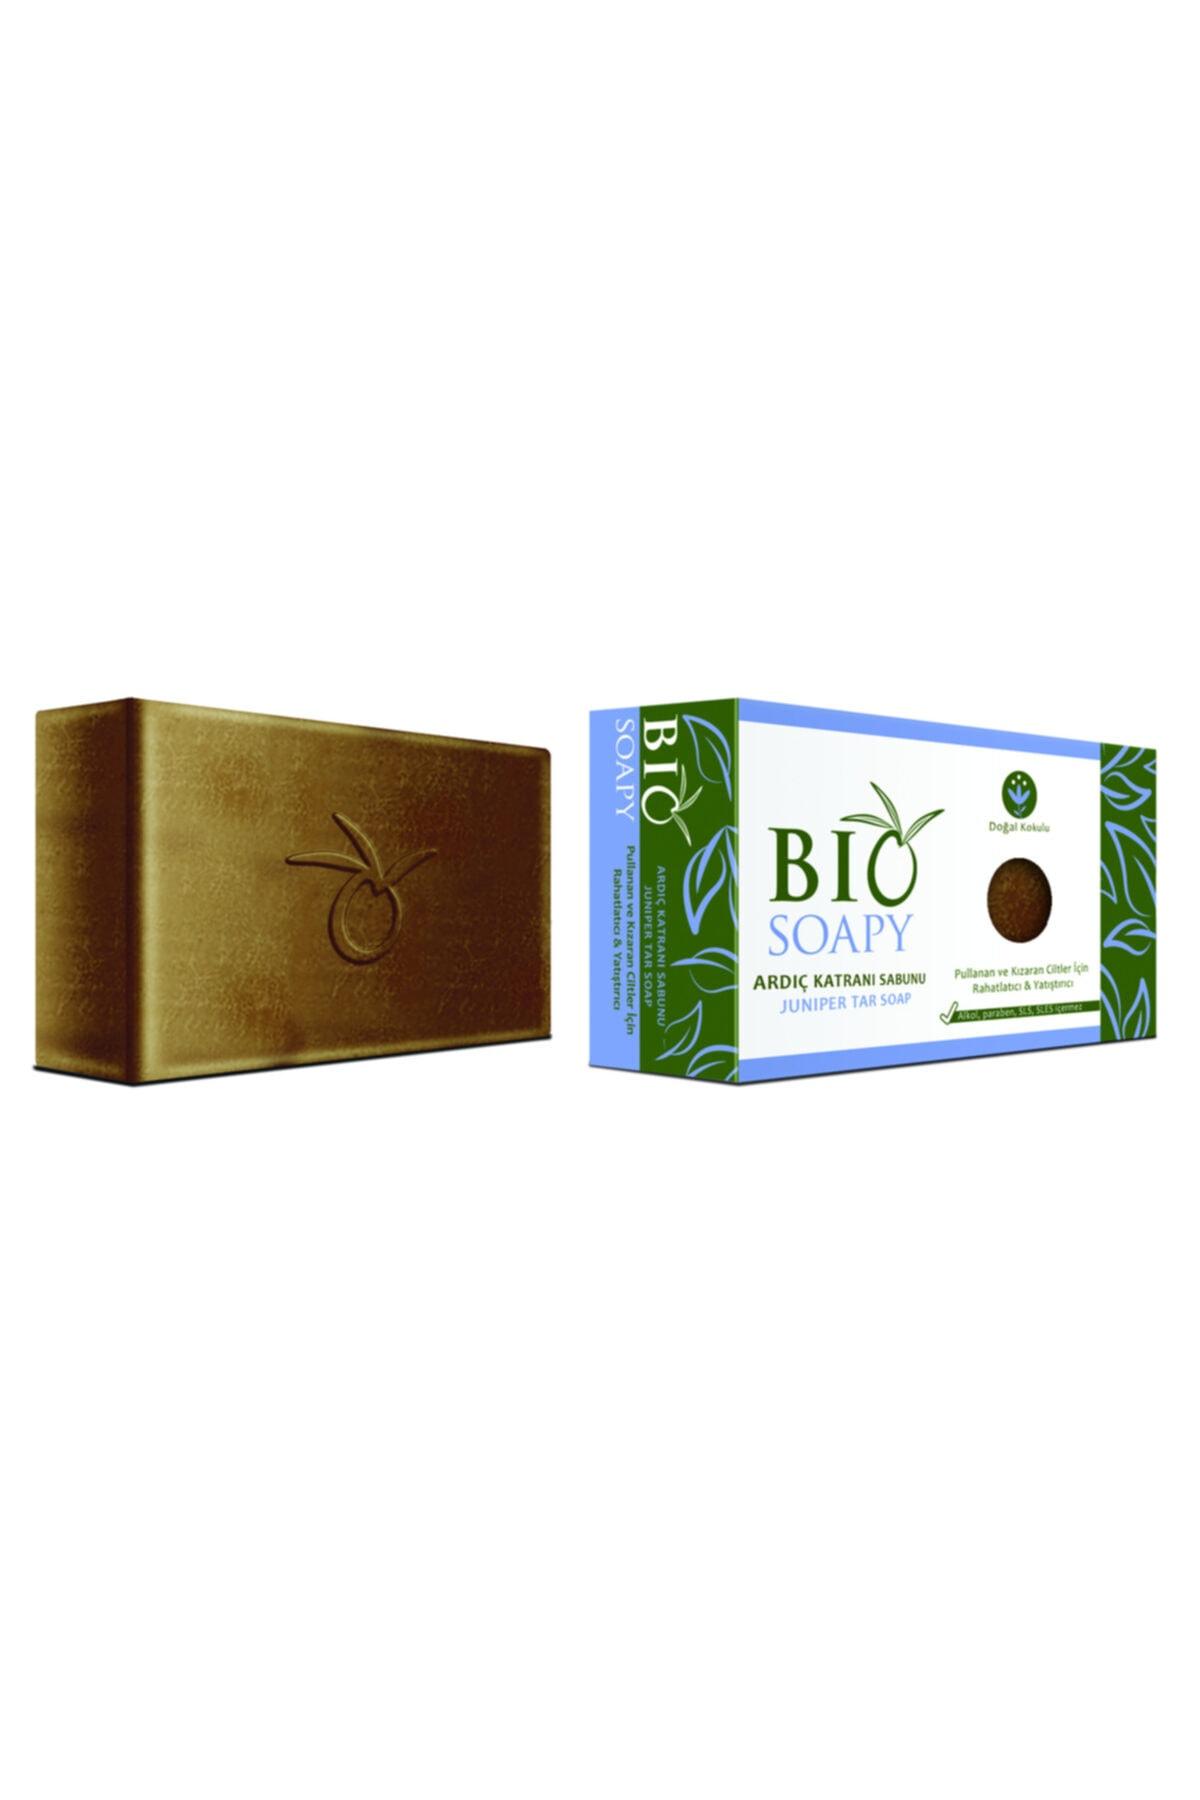 Doğal Ardıç Katranı Sabunu 100 Gr X 3 Adet (kaşıntı, Pullanma Ve Kızarıklıkta Rahatlatıcı Etki)